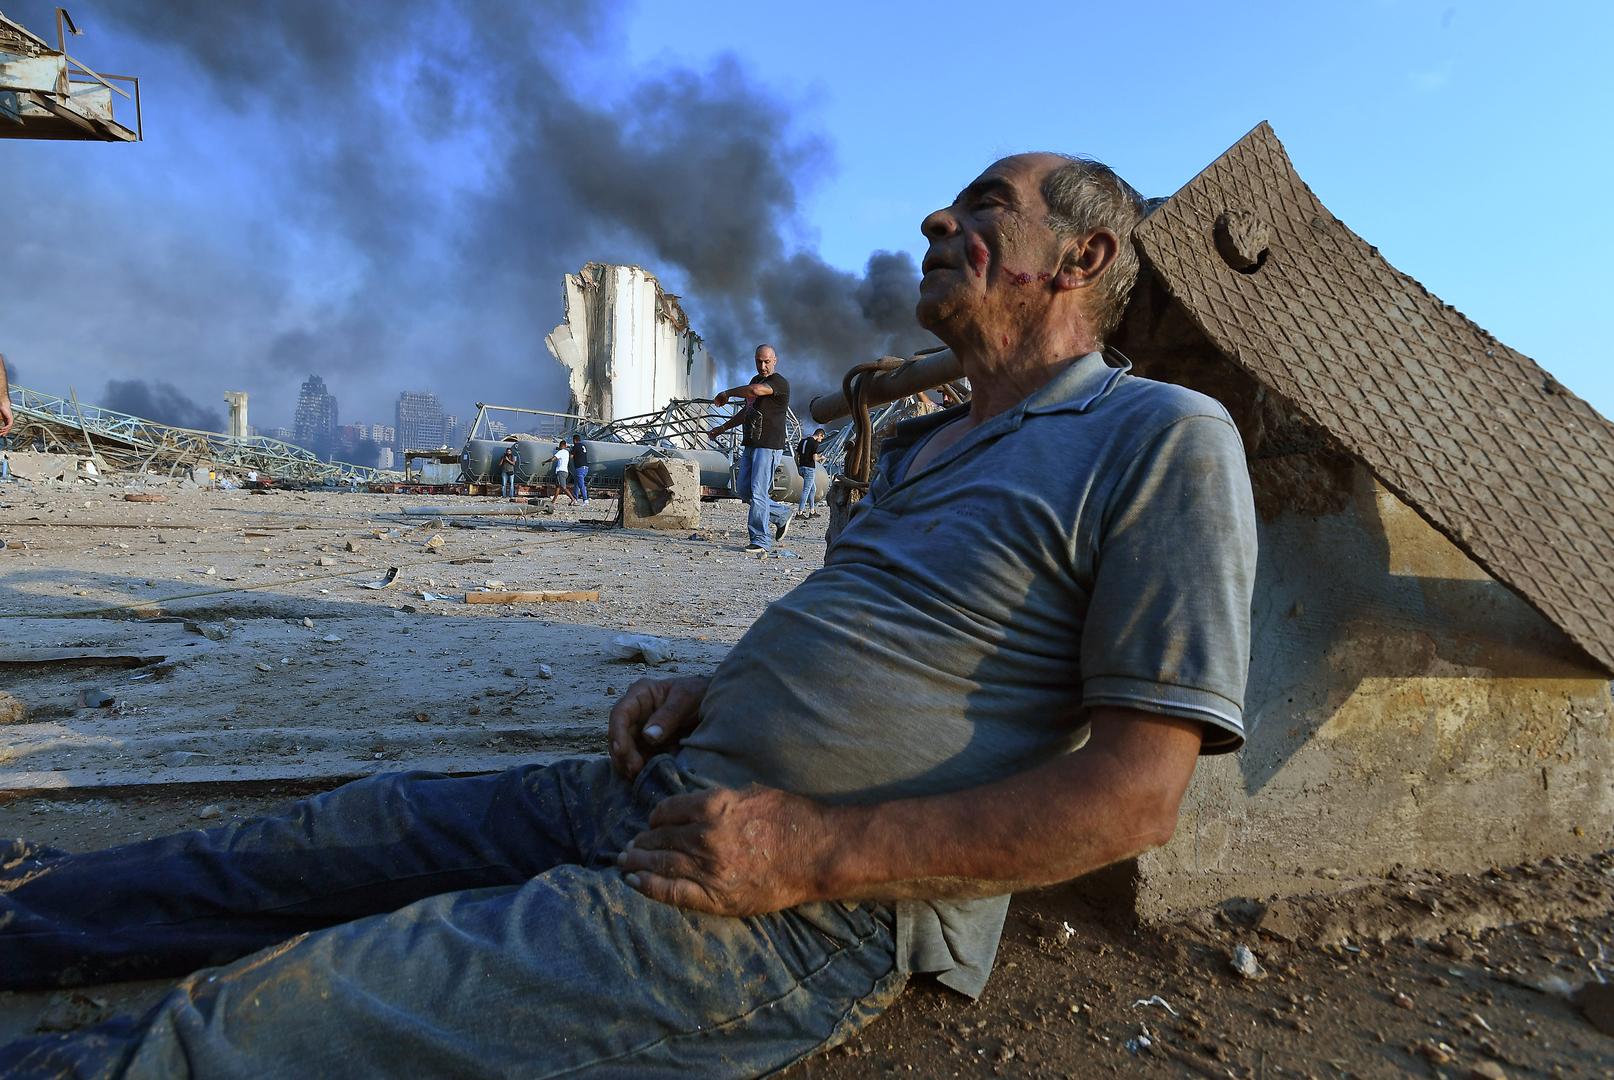 Nach einer massiven Explosion, die das Herz der libanesischen Hauptstadt traf, sitzt ein Verwundeter am Hafen von Beirut am Boden und wartet auf Hilfe. Am 4. August 2020.